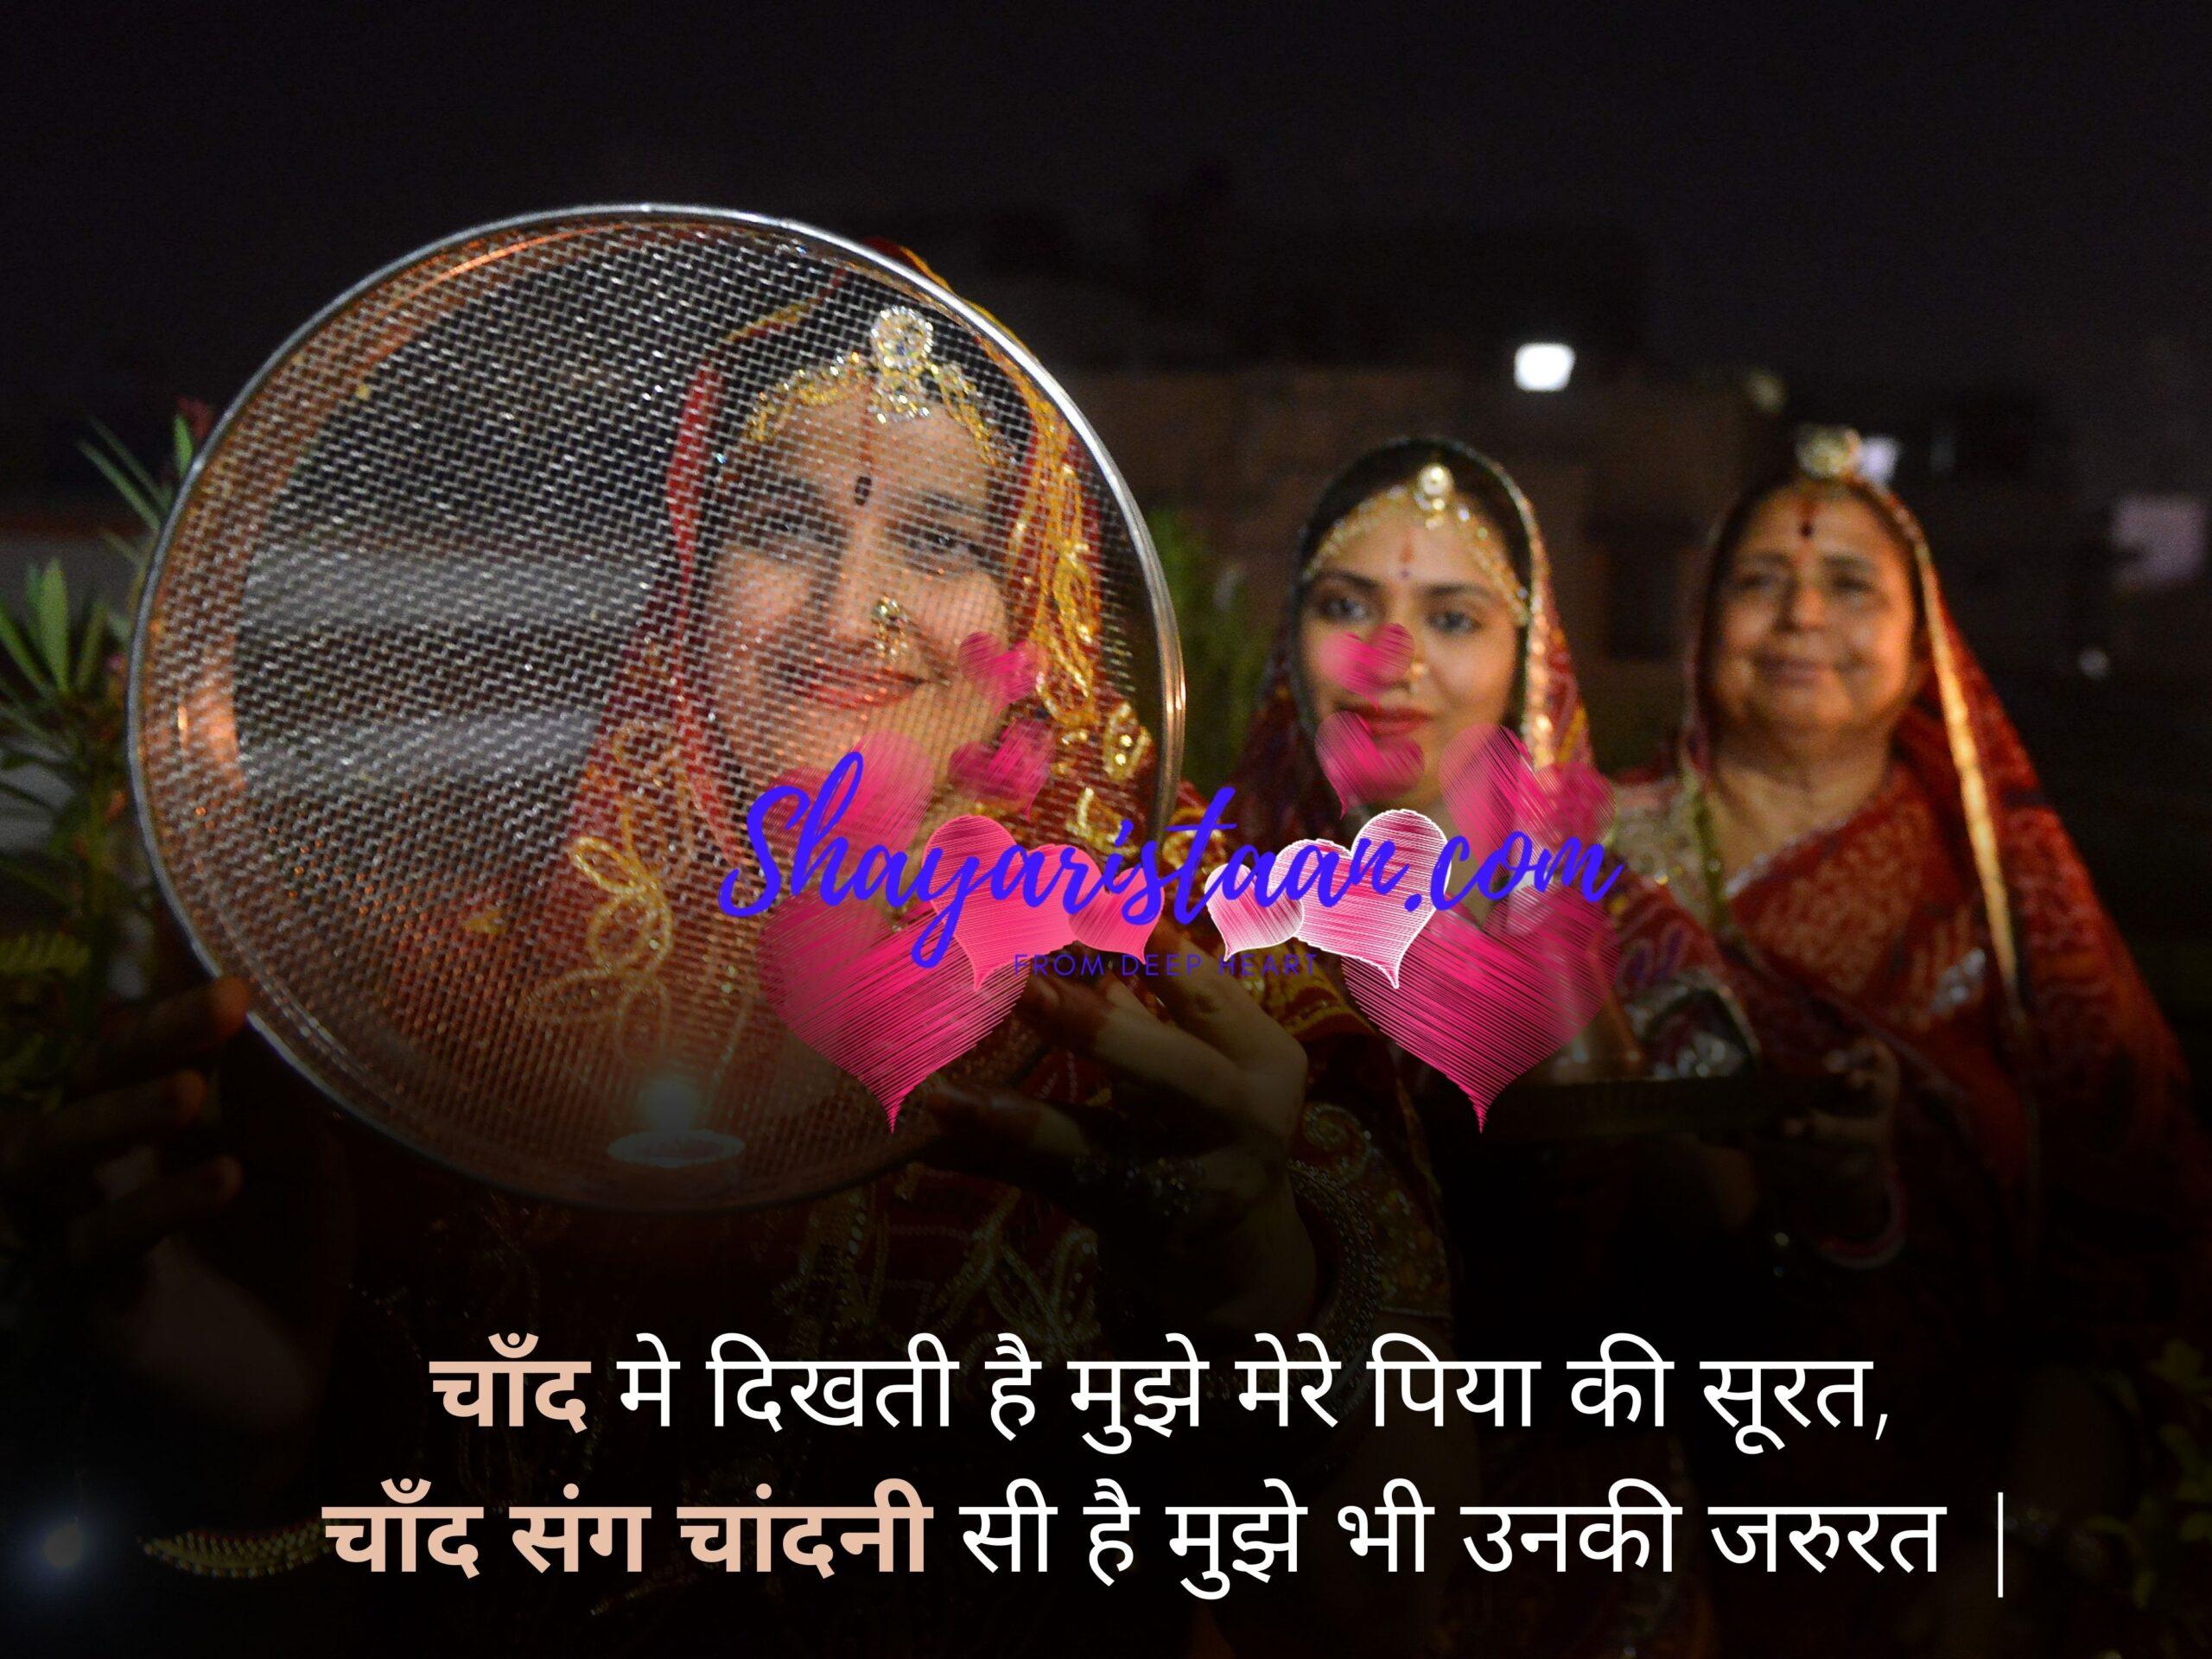 karwa chauth status in punjabi   चाँद मे दिखती है मुझे मेरे पिया की सूरत, चाँद संग चांदनी सी है मुझे भी उनकी जरुरत  